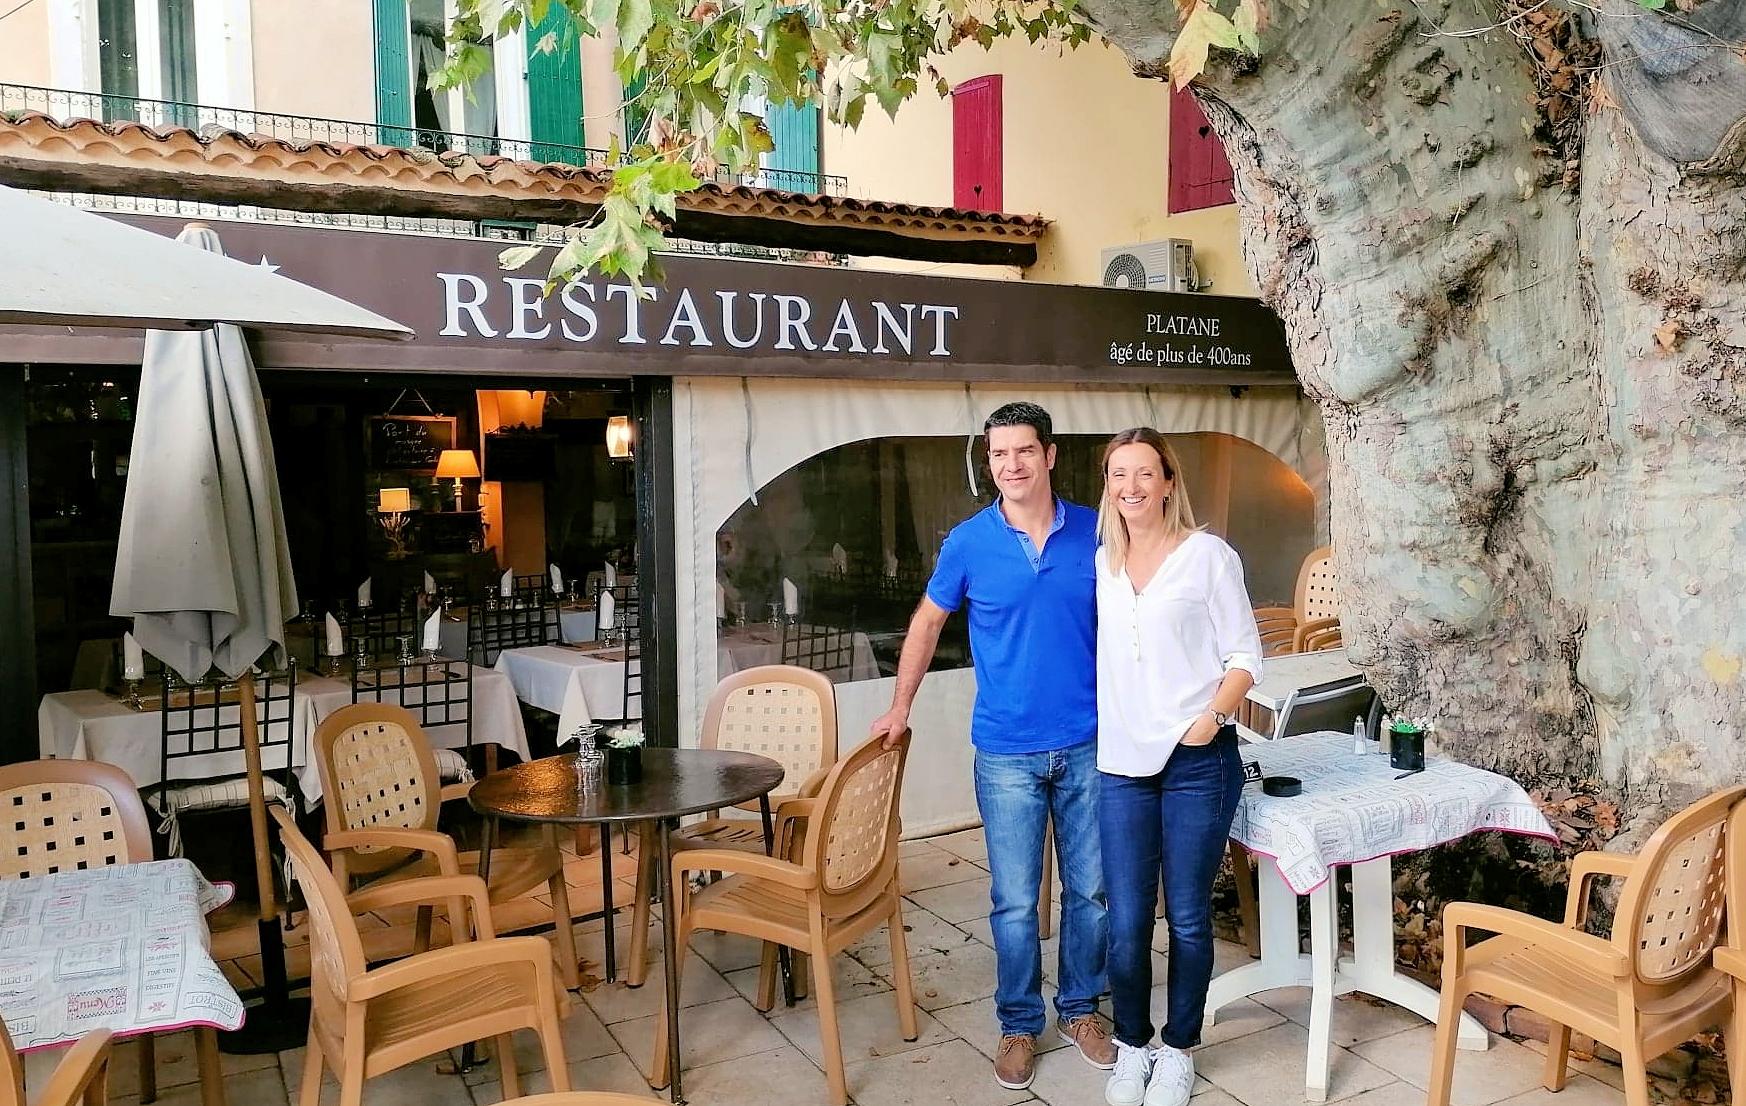 Grand Hôtel Aups Restaurant Truffes Aups Var Haut-Var Verdon - Hôtel - Restaurant - Haut Var Gorges du Verdon